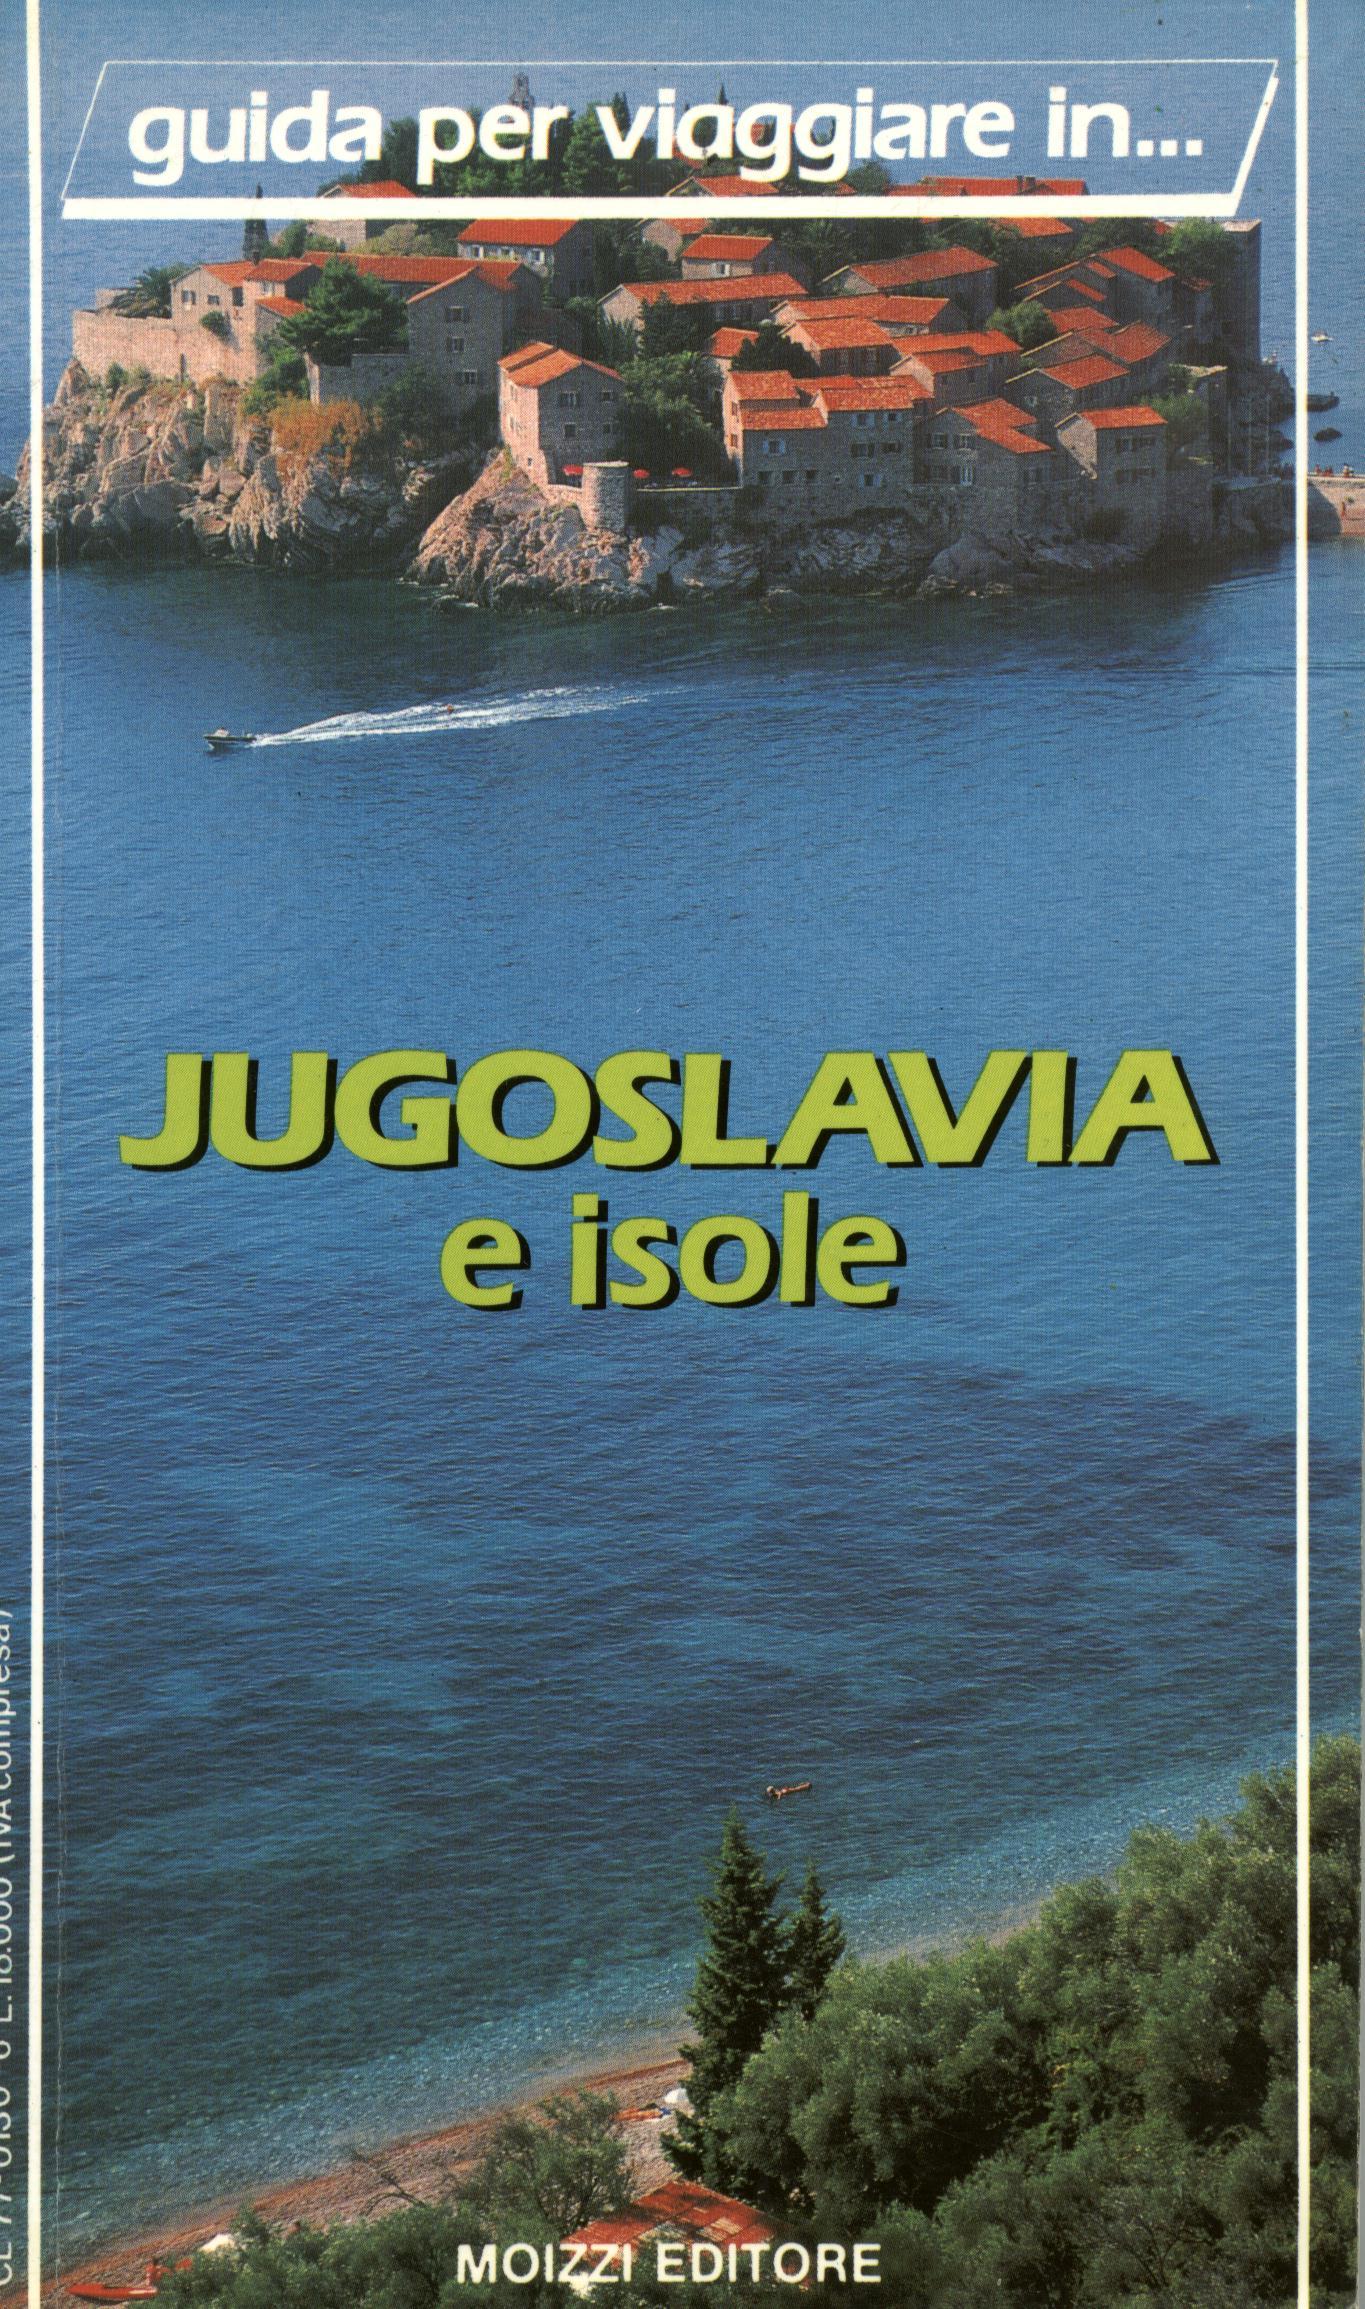 Jugoslavia e isole